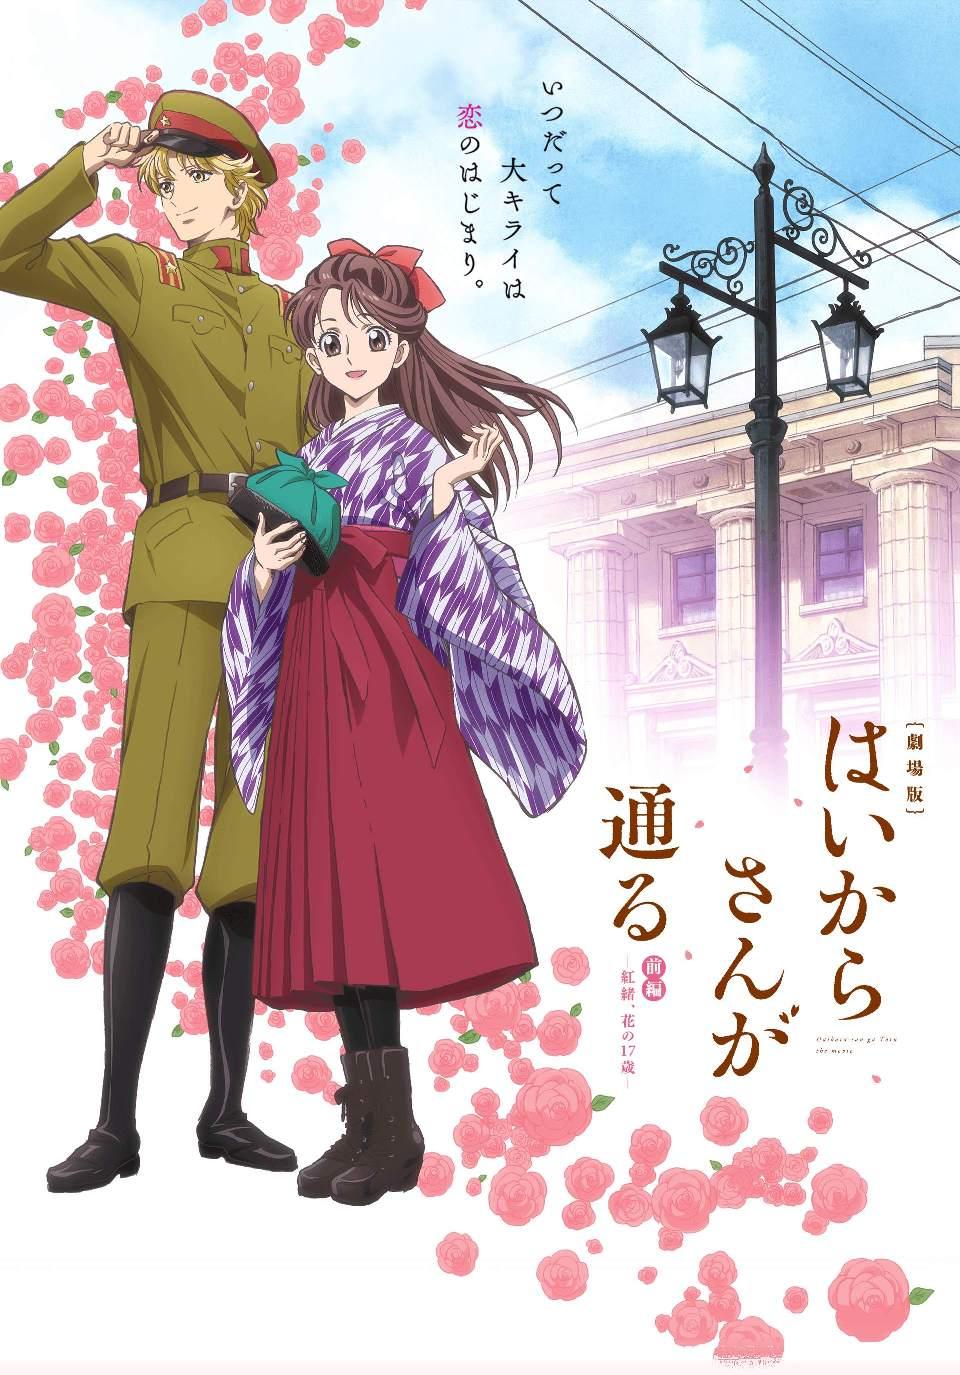 Una Ragazza Alla Moda Due Nuovi Film Anime Col Vero Finale Del